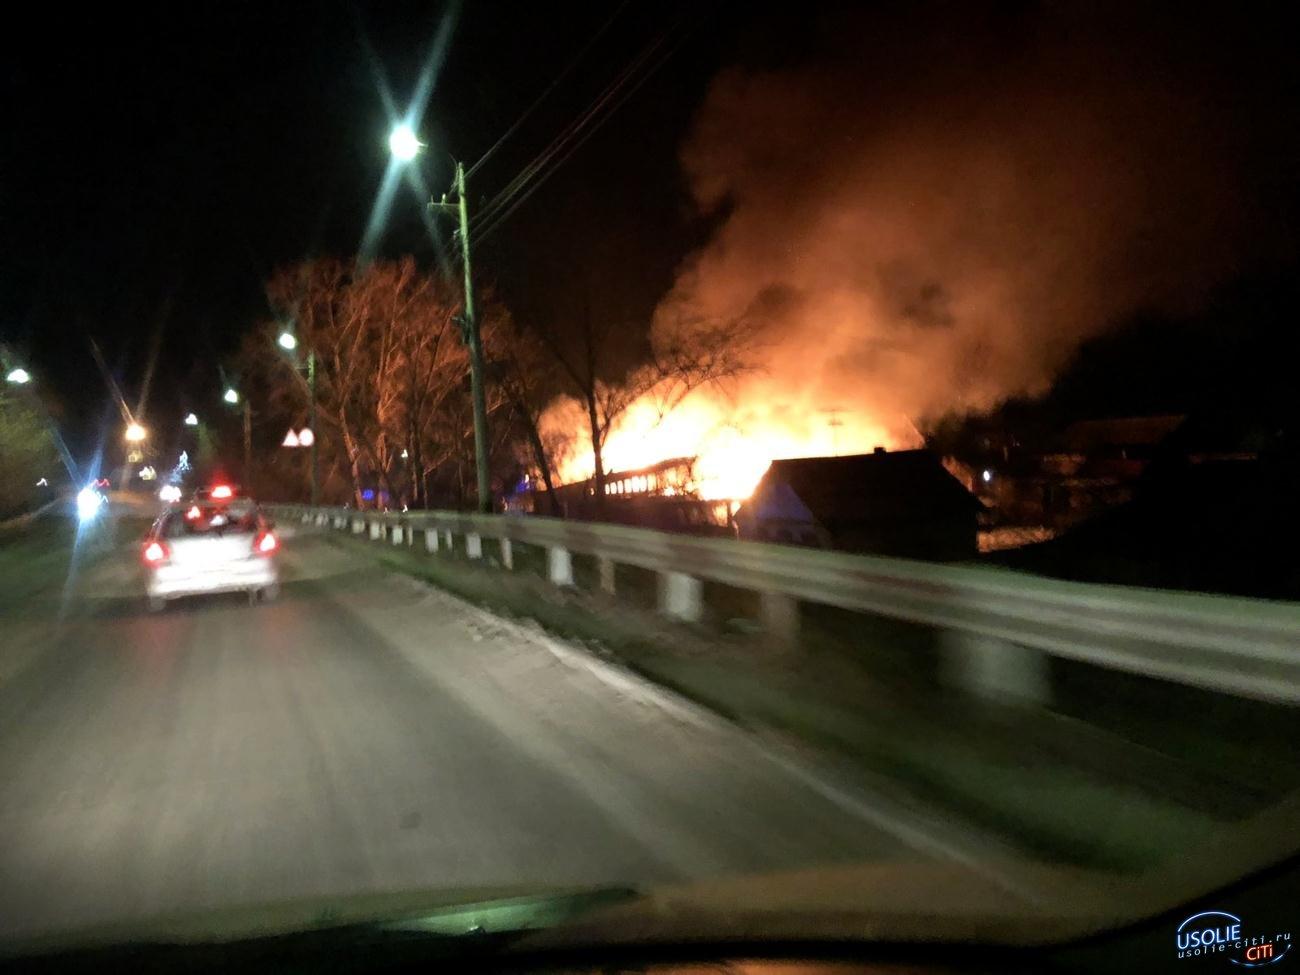 Сгорел в миг. Пожар оставил без дома семью в Усолье